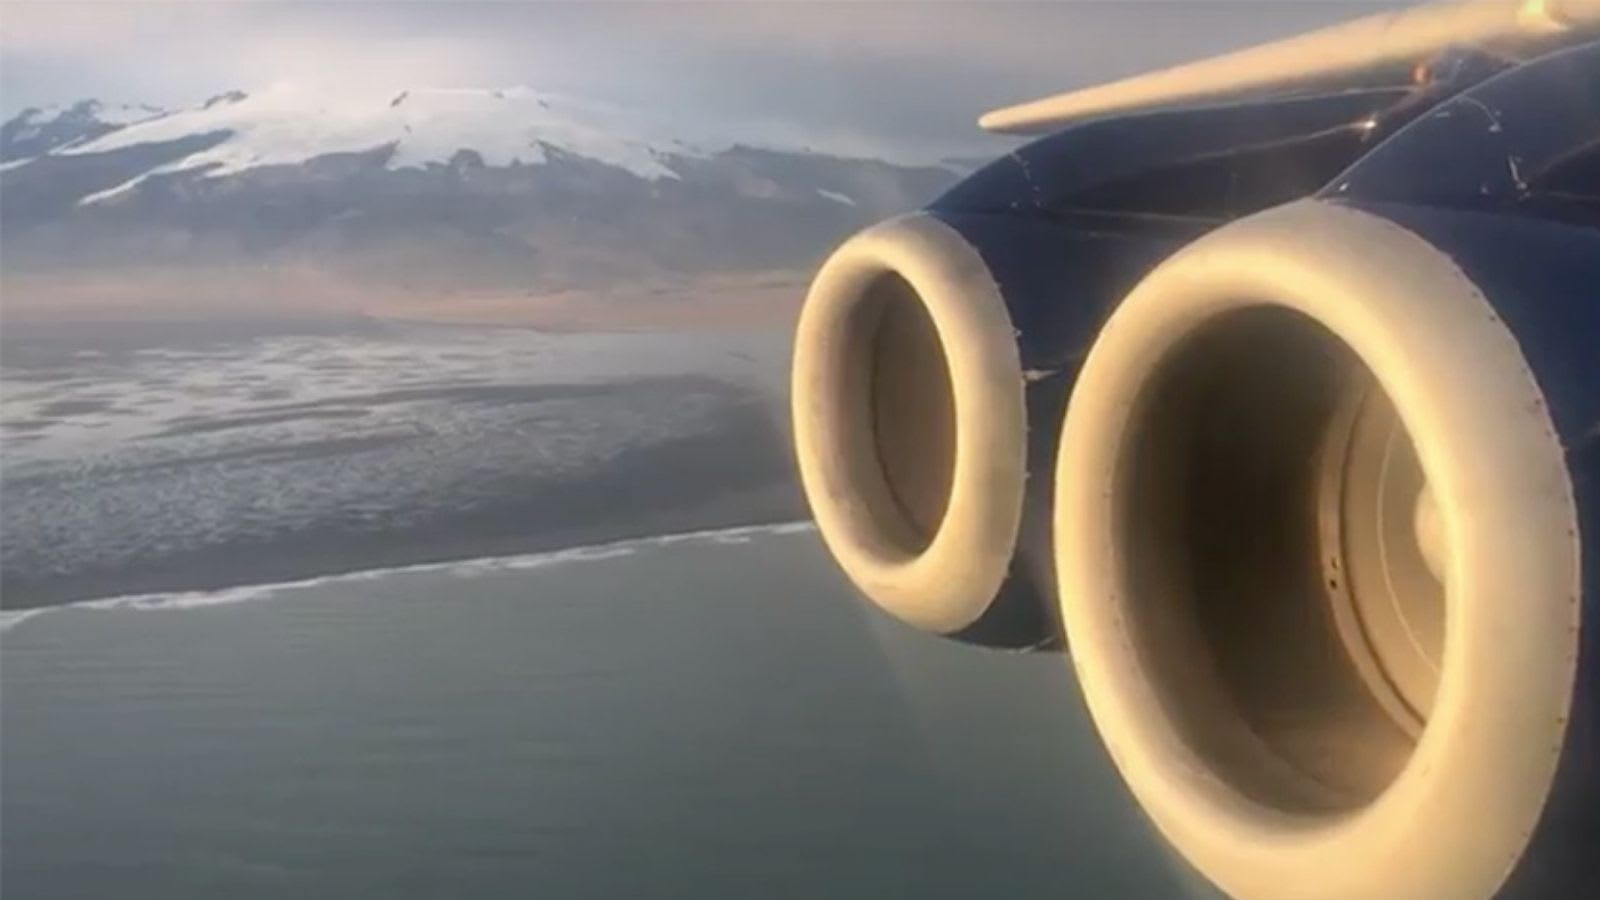 ليست طائرة عادية..تعرف إلى أكبر مختبر طائر في أوروبا